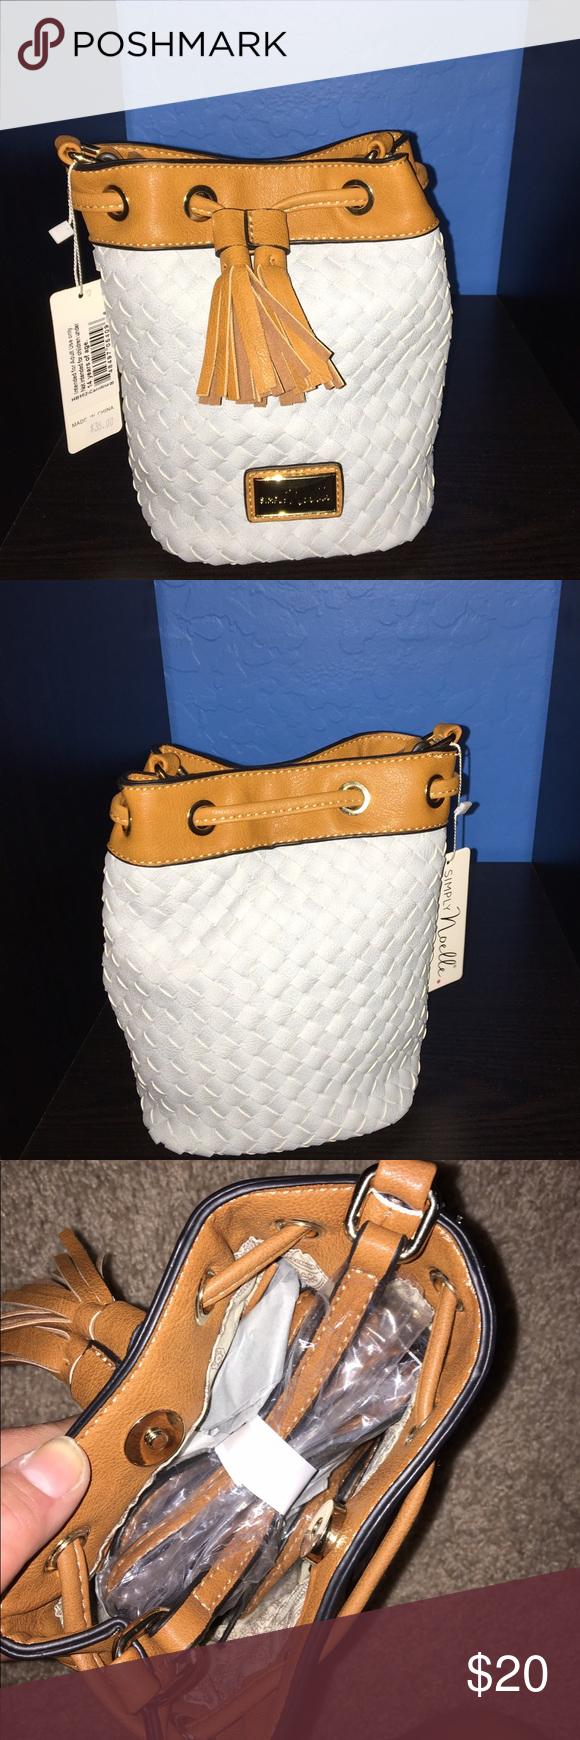 2bfcef657a61 Mini purse Super cute never worn never even opened purse